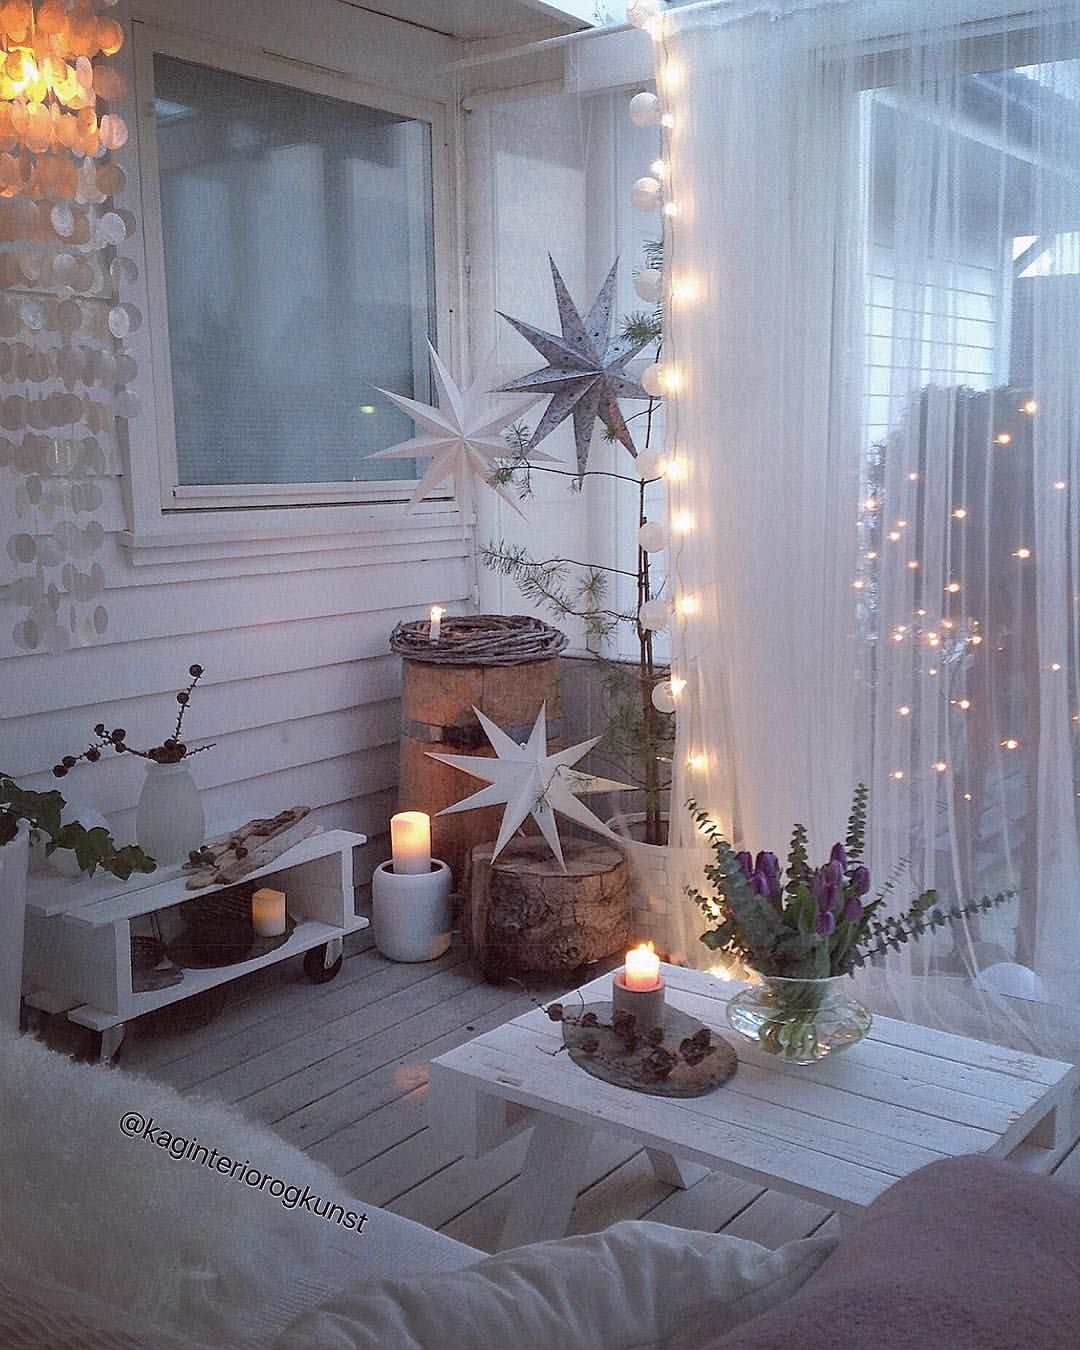 Pin von enomis gatierf auf gem tliche r ume pinterest for Wohnung dekorieren winter